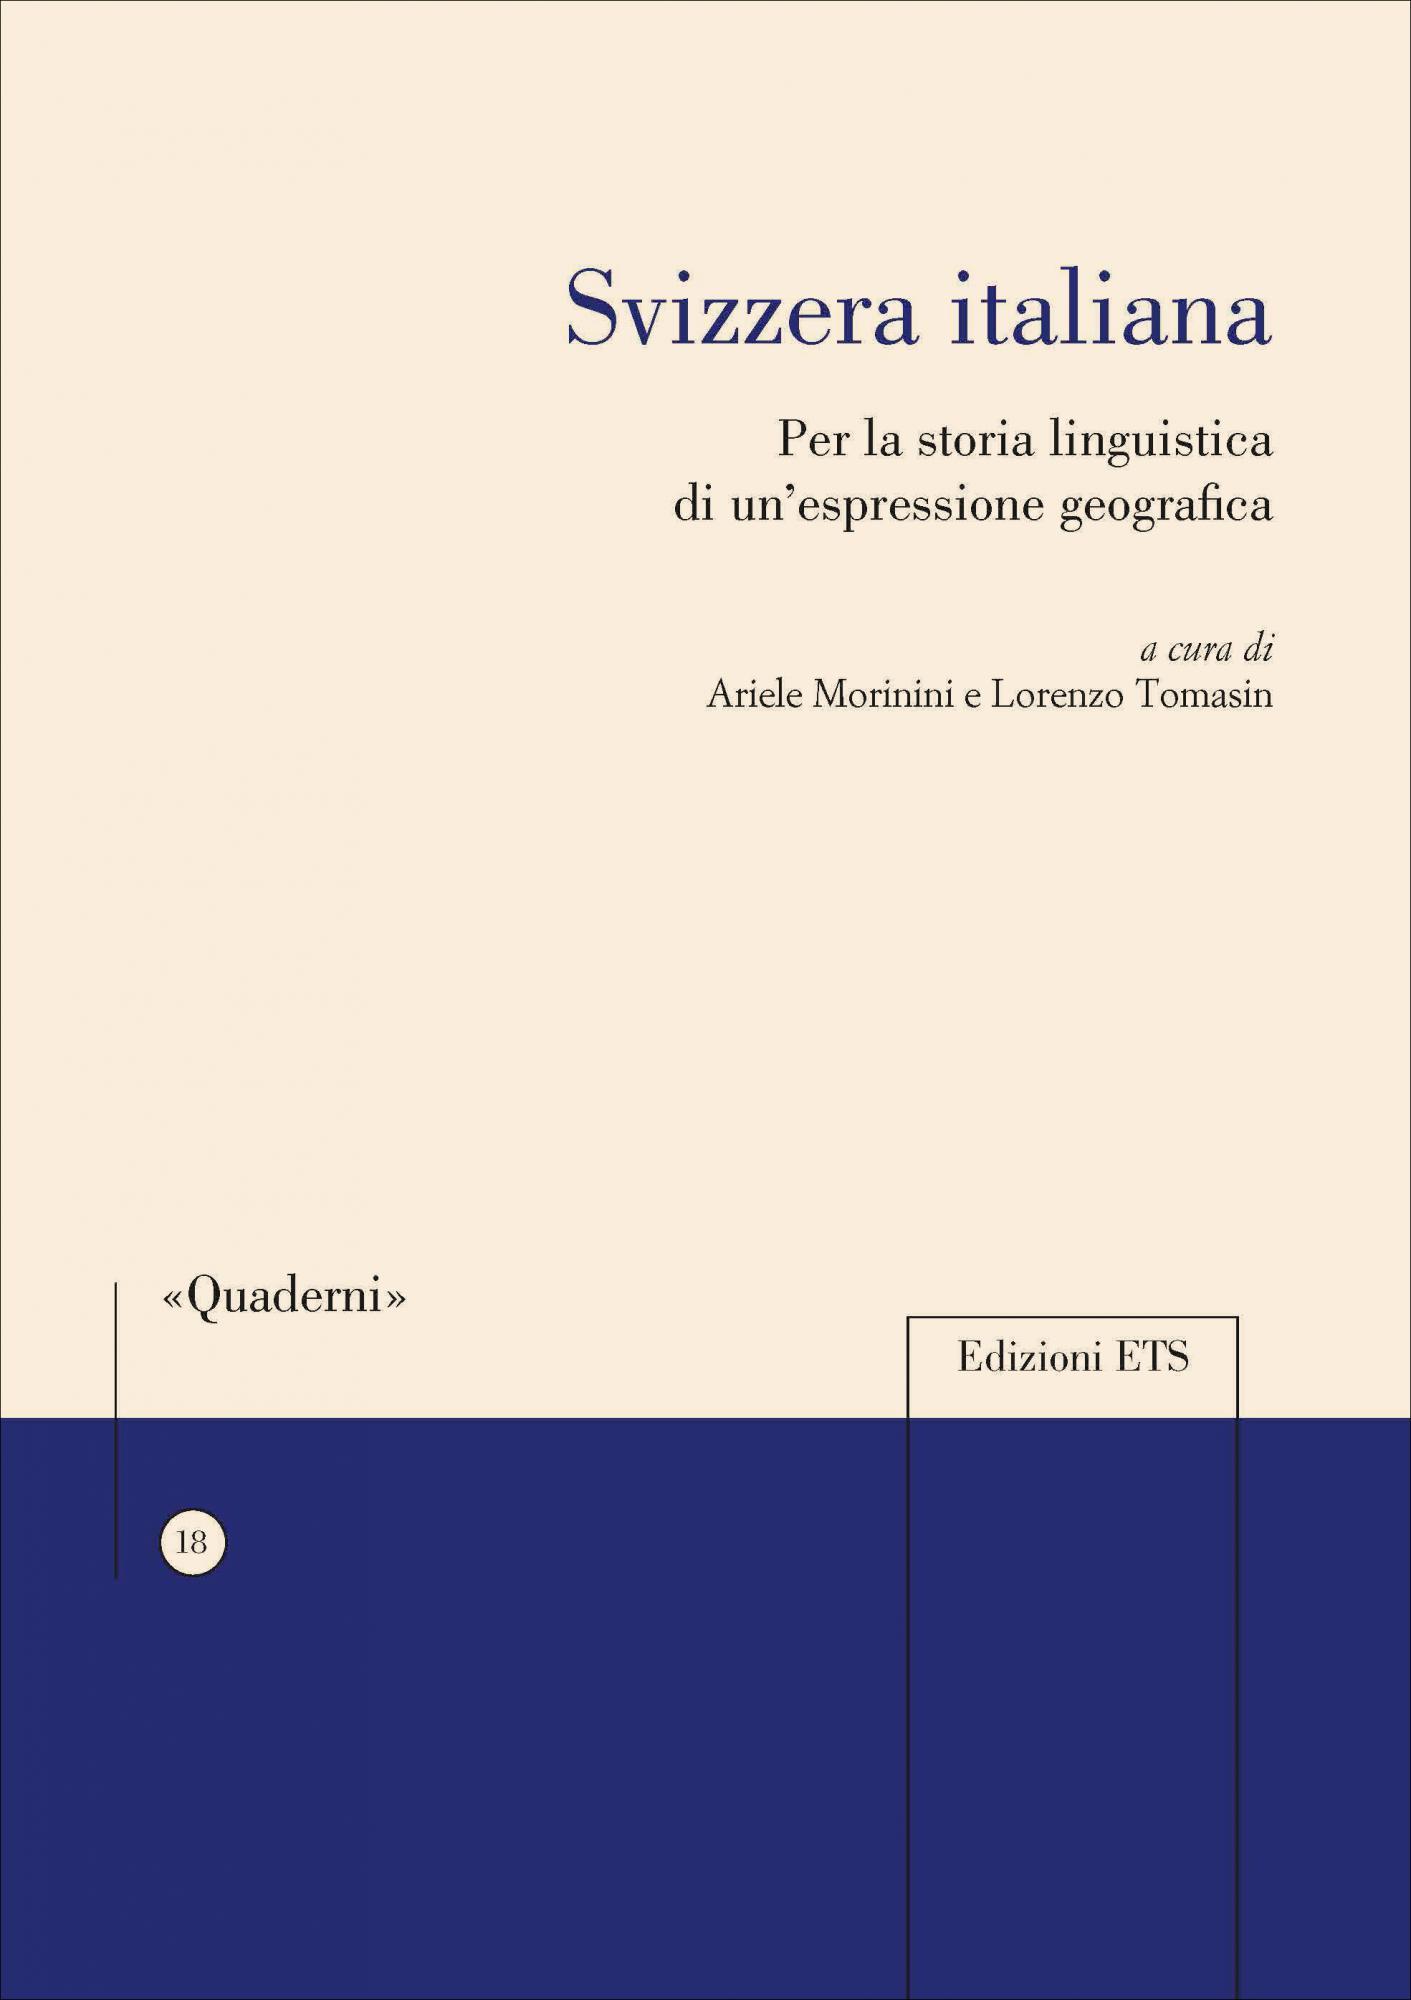 Svizzera italiana.Per la storia linguistica di un'espressione geografica